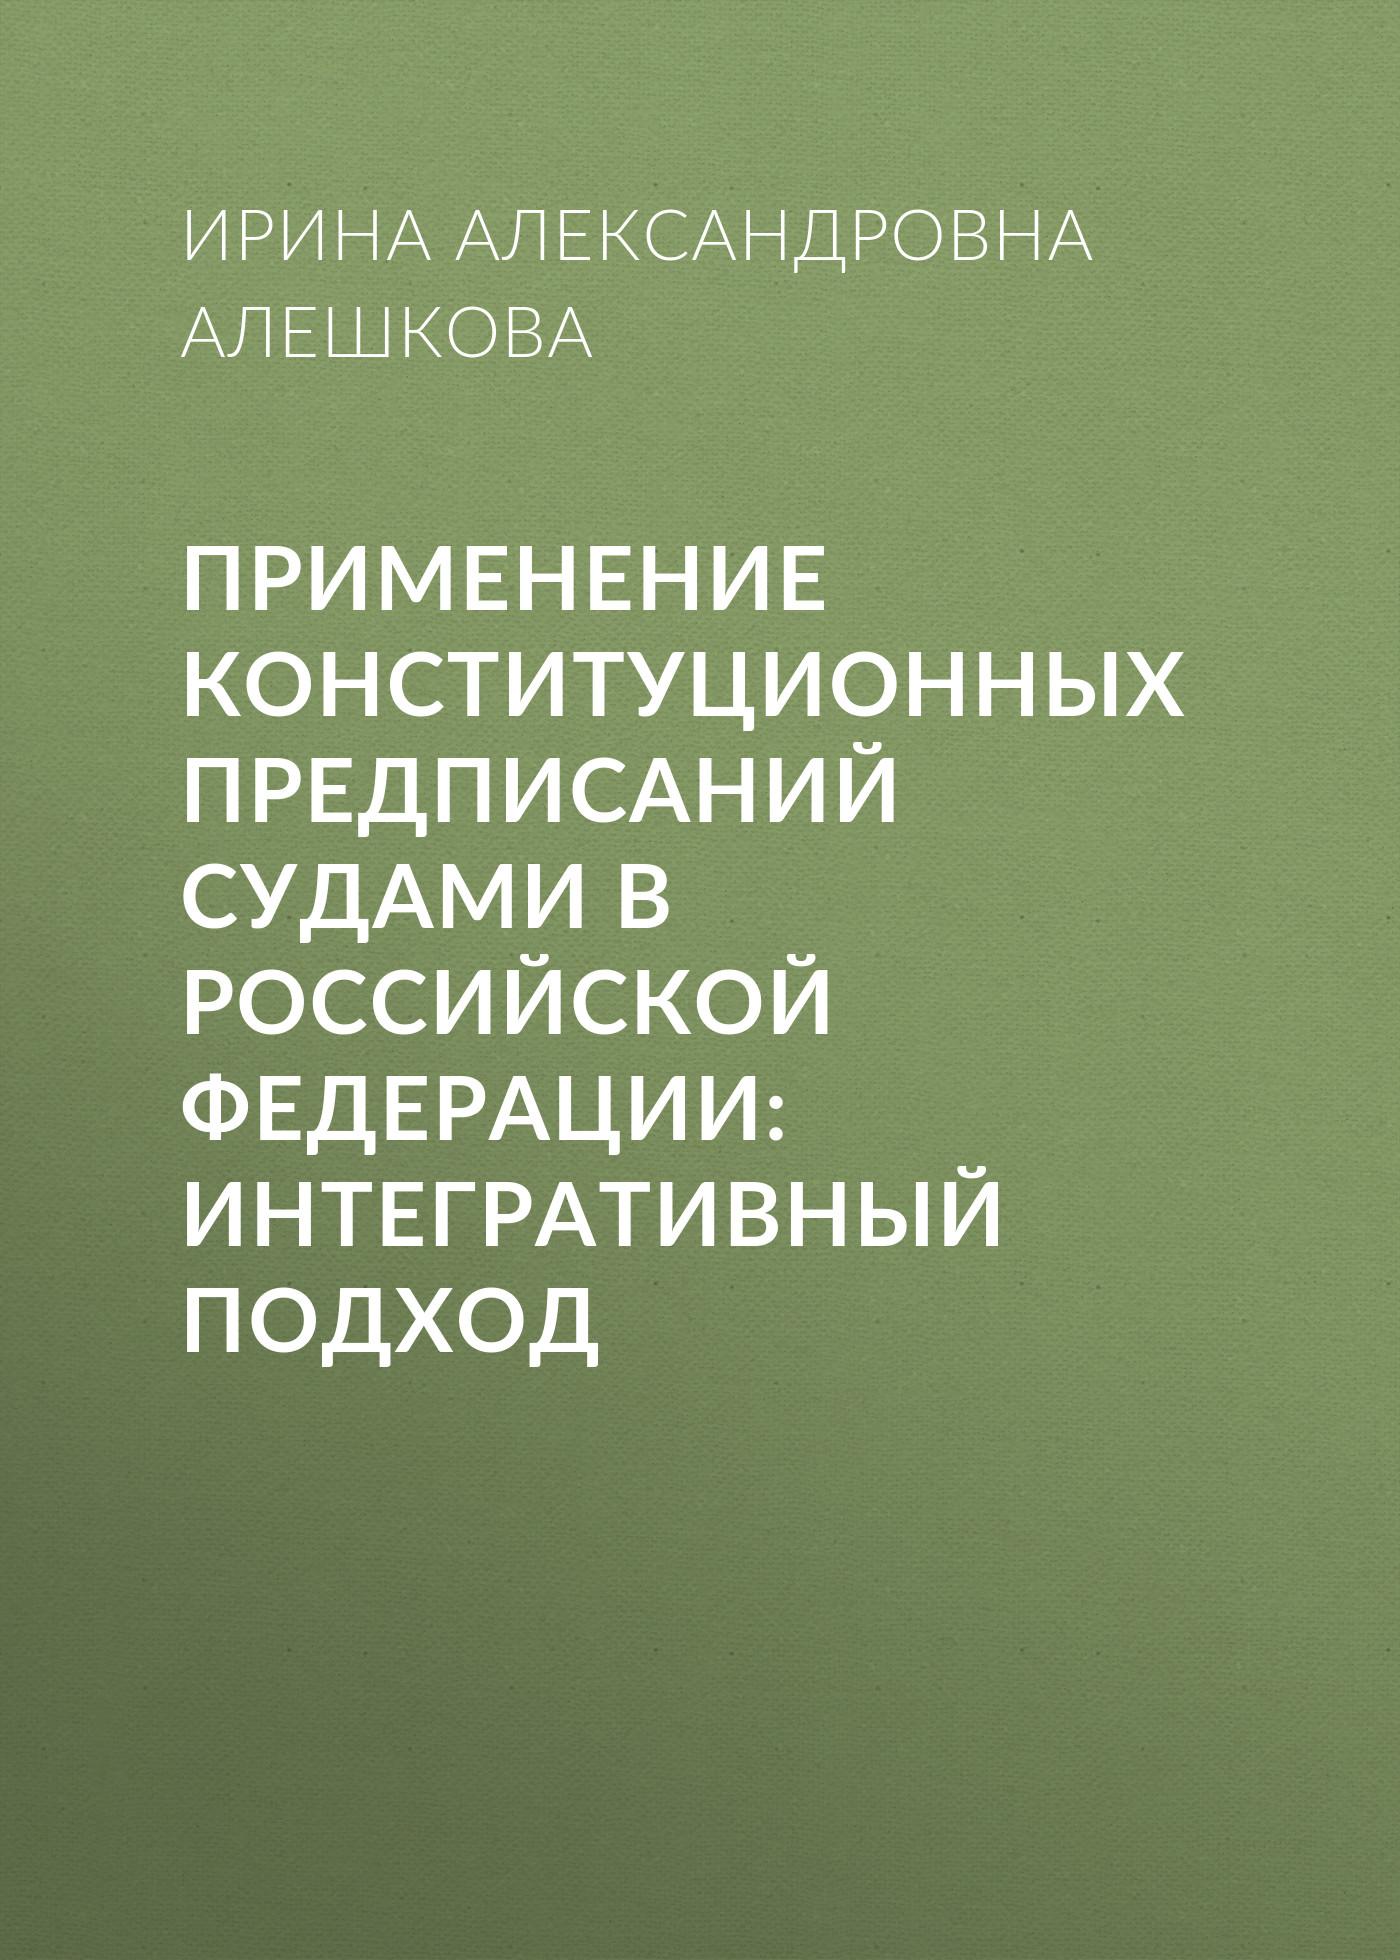 все цены на И. А. Алешкова Применение конституционных предписаний судами в Российской Федерации: интегративный подход онлайн